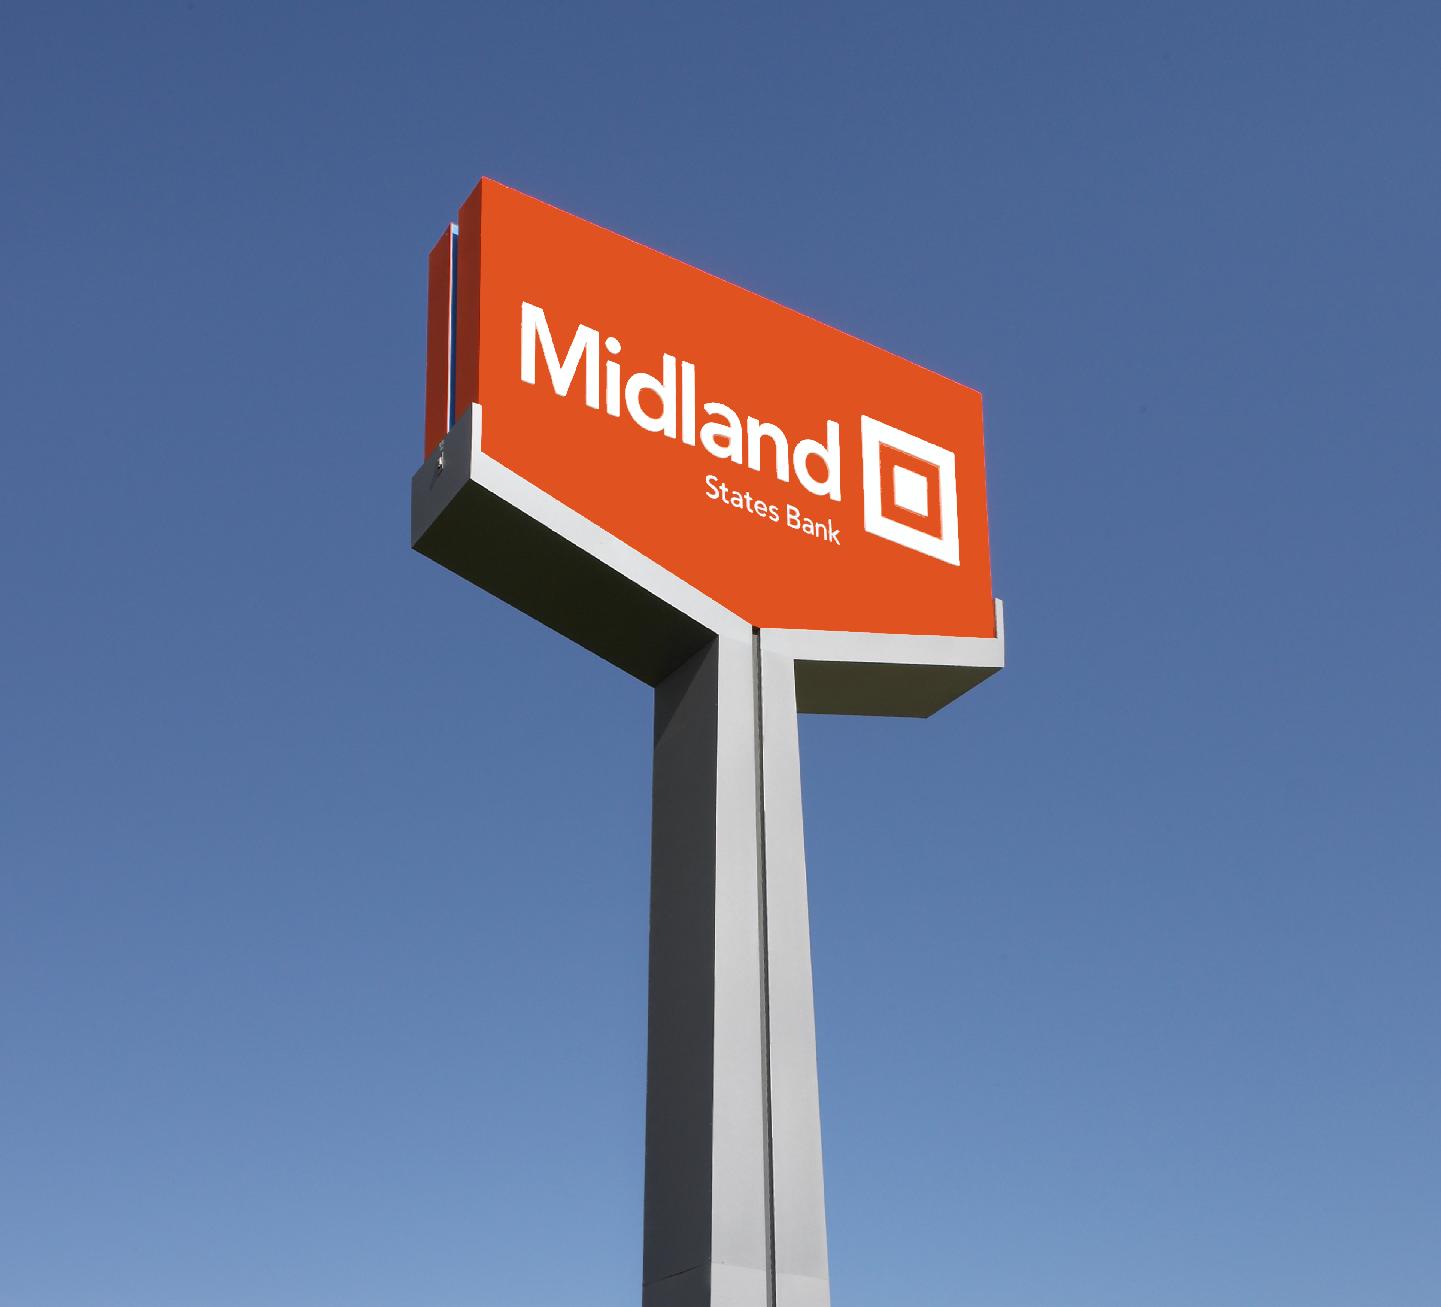 Image 2   Midland States Bank